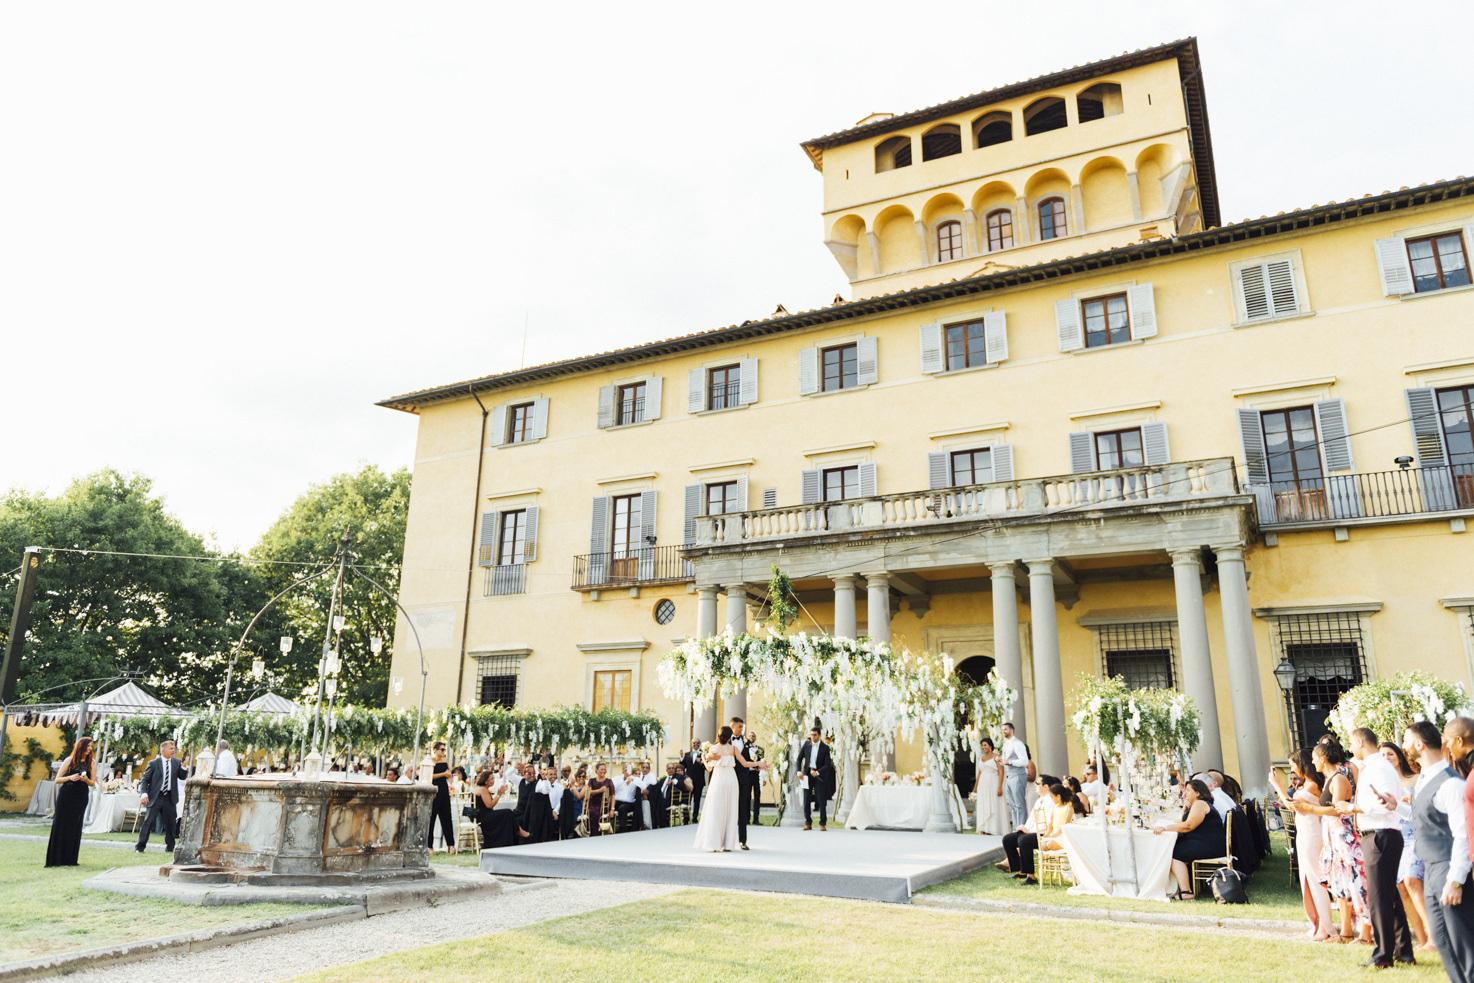 Wedding reception at Villa di Maiano